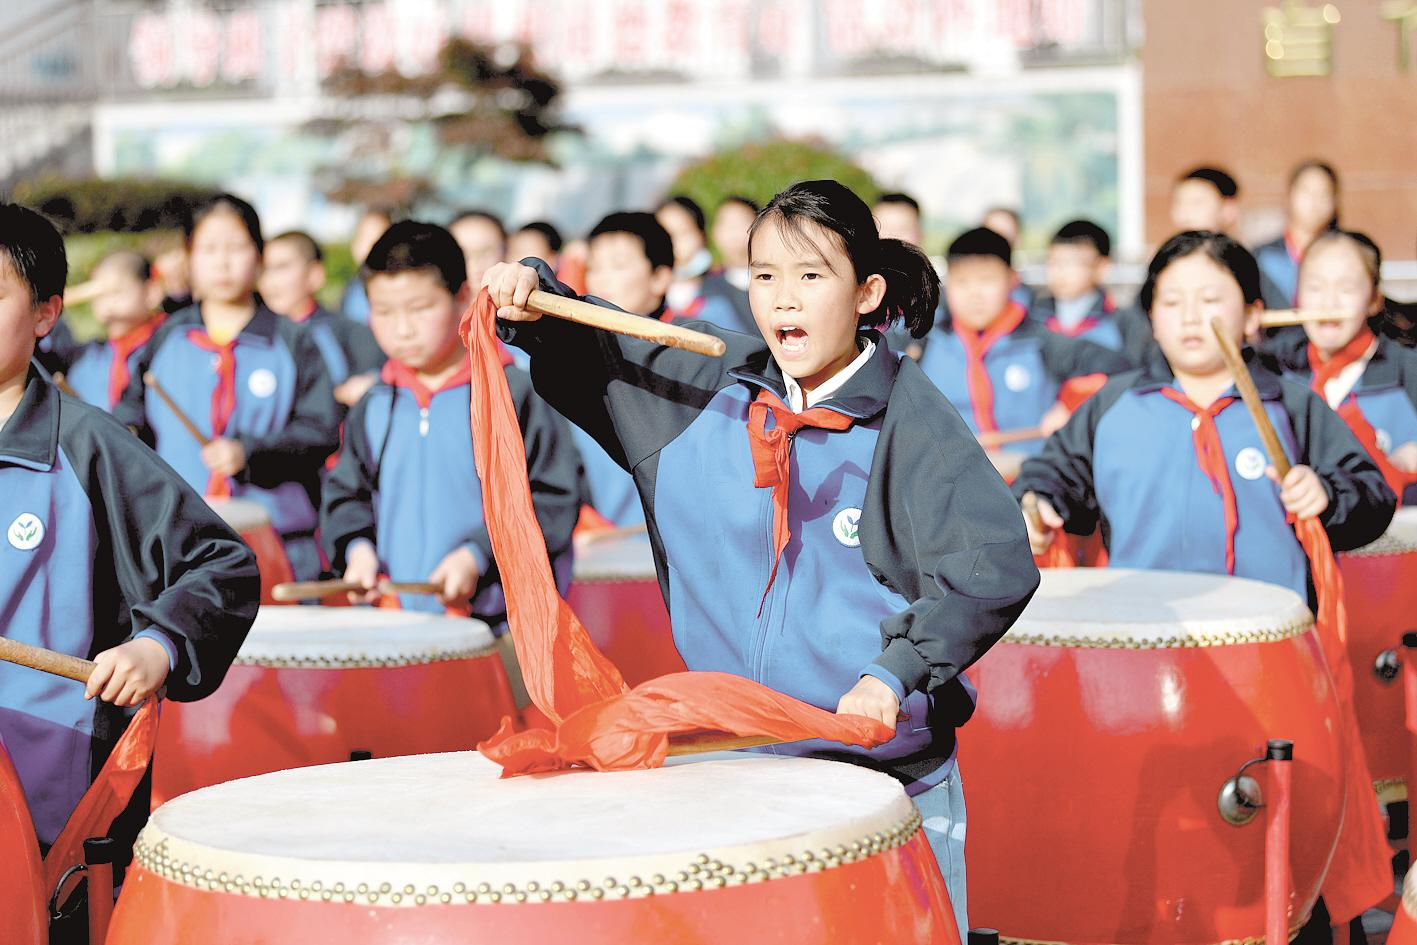 傳統大鼓擊響校園